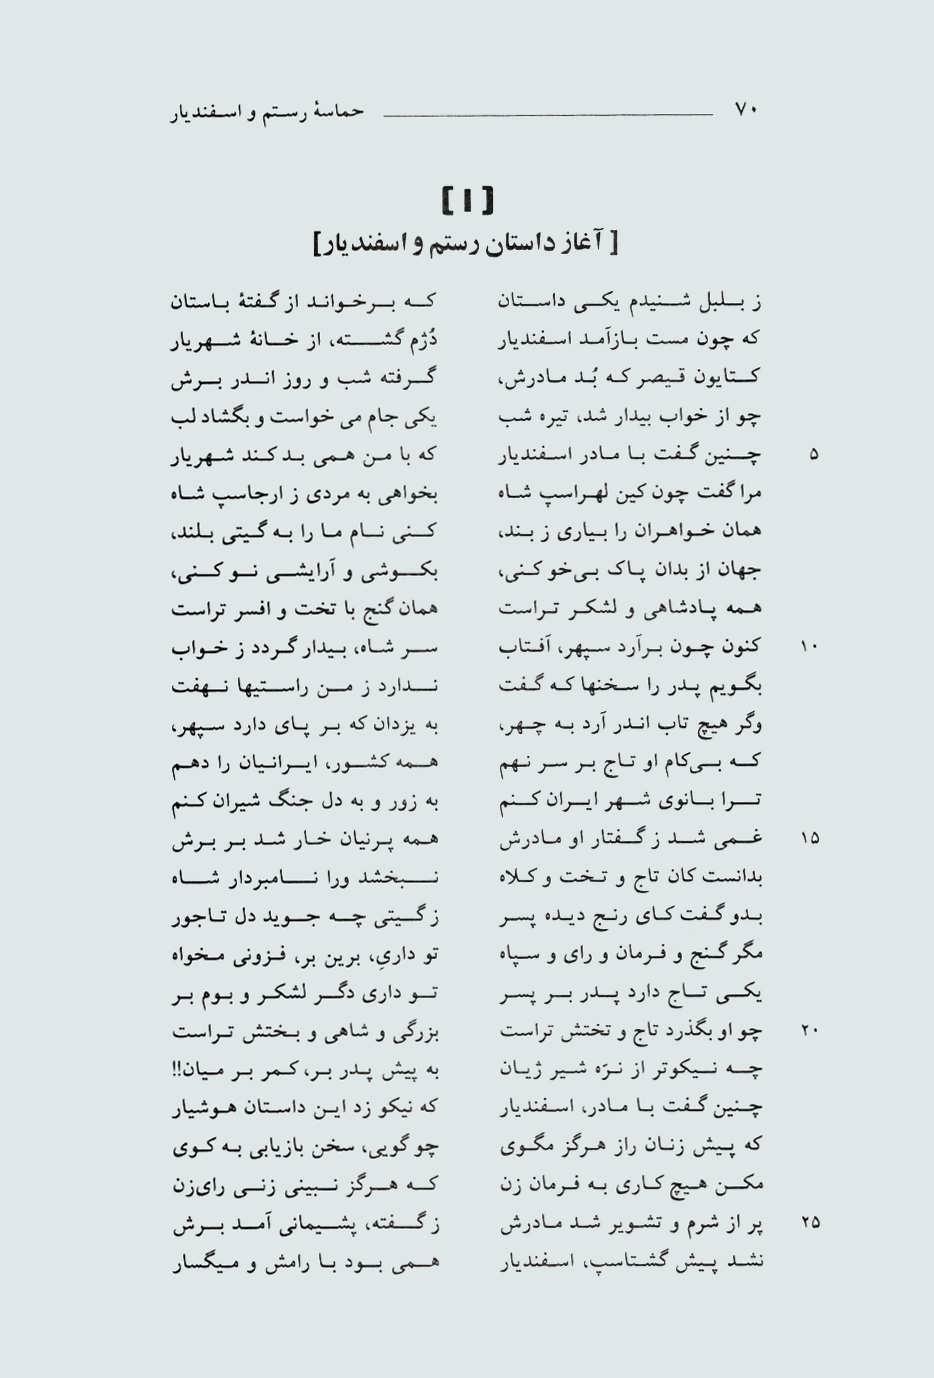 گنجینه ادب فارسی 6 (حماسه رستم و اسفندیار)